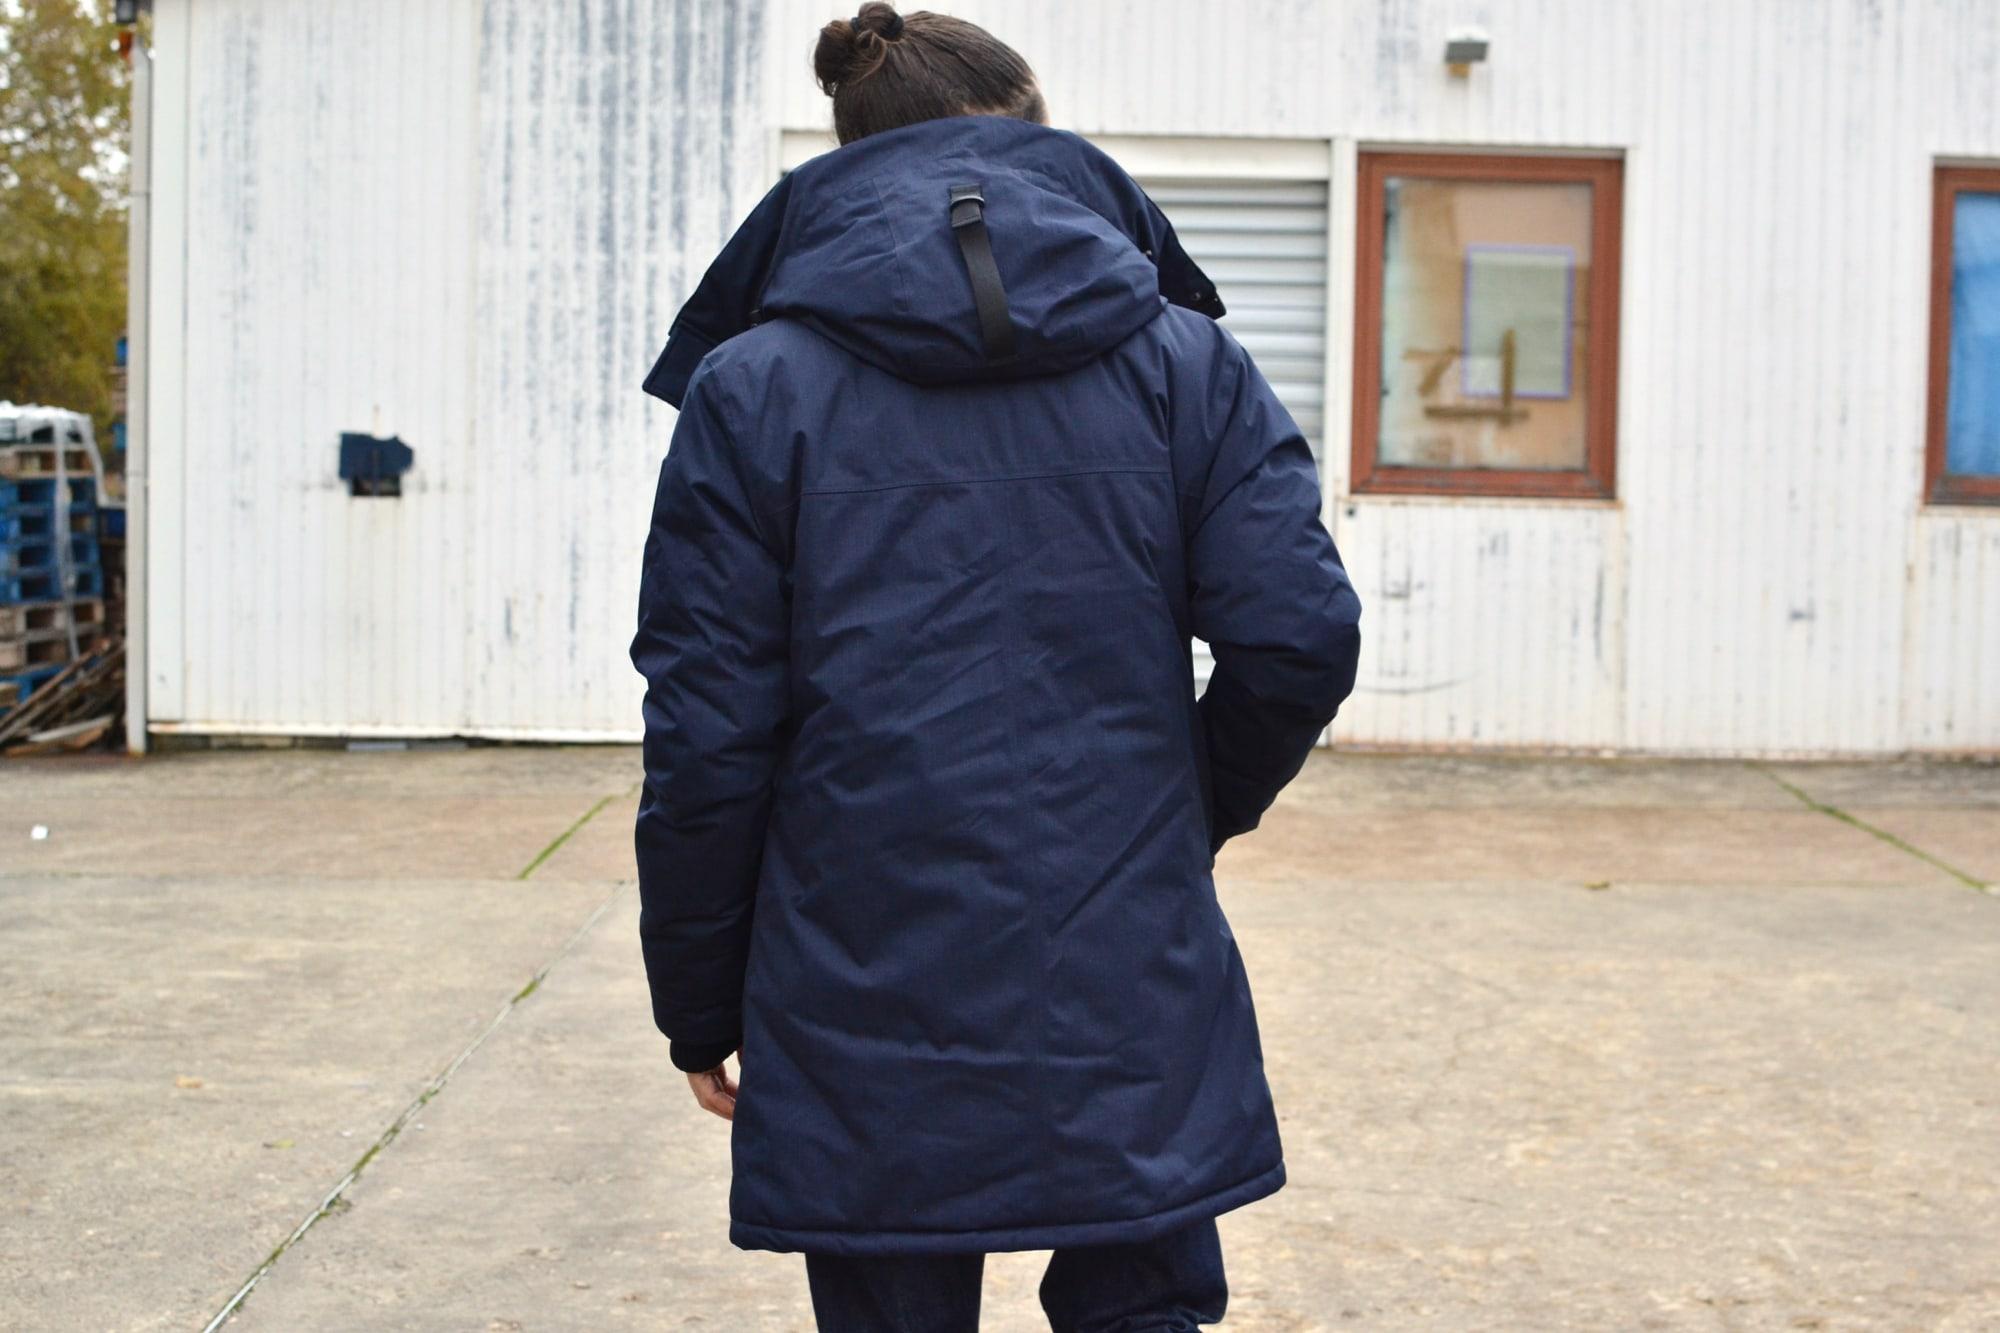 conseil idée sur une tenue style casual chic portée avec une touche street heritage et comment porter une parka nobis modèle avec un pull lafaurie paris et des longwing façon alden en cordovan